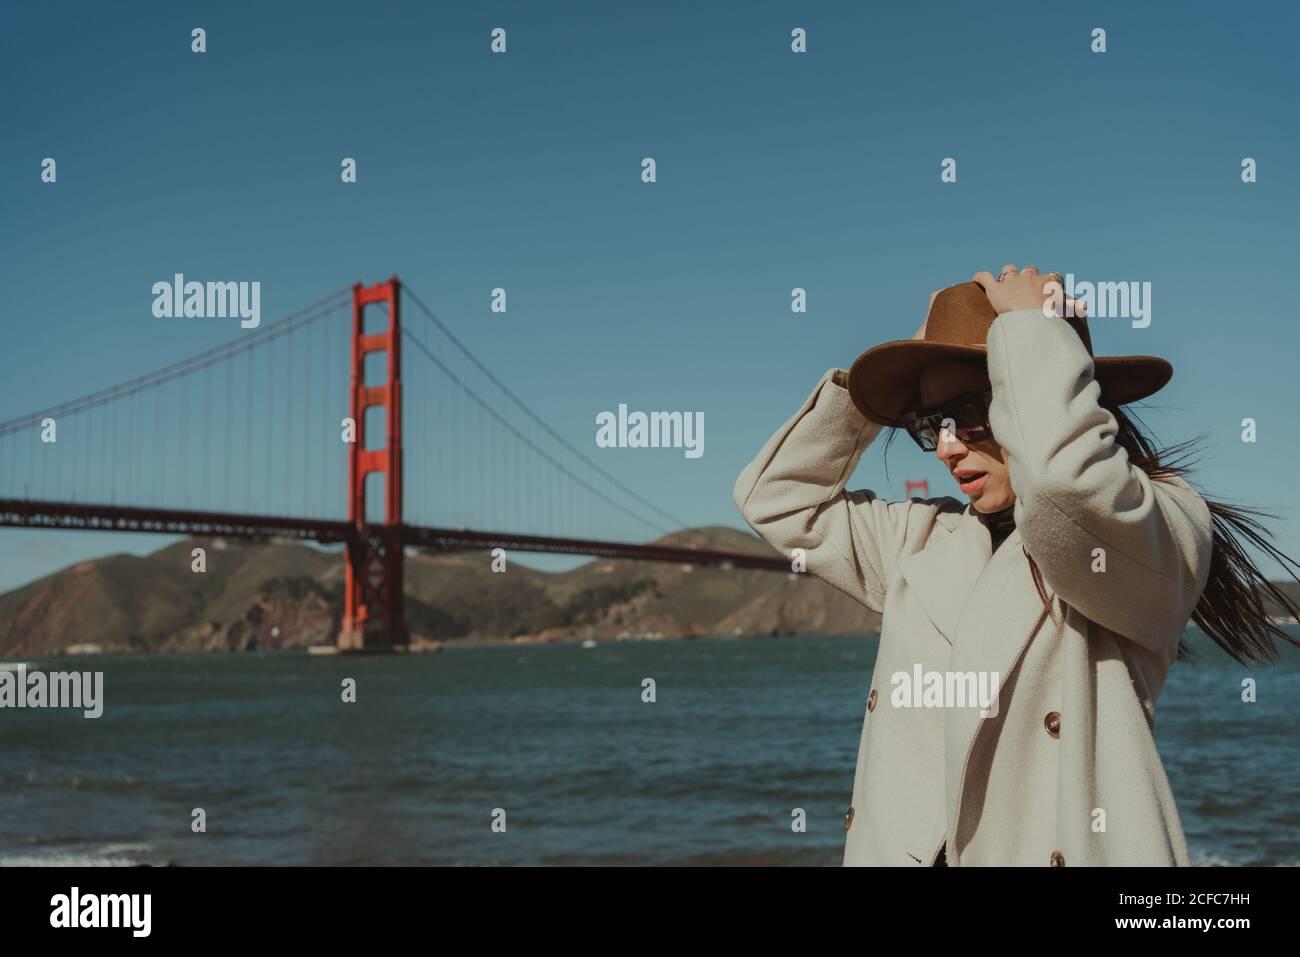 Vue latérale d'une jeune femme avec chapeau et tenue tendance Et des lunettes de soleil se tenant sur le remblai contre le pont du Golden Gate dedans Californie en journée ensoleillée Banque D'Images